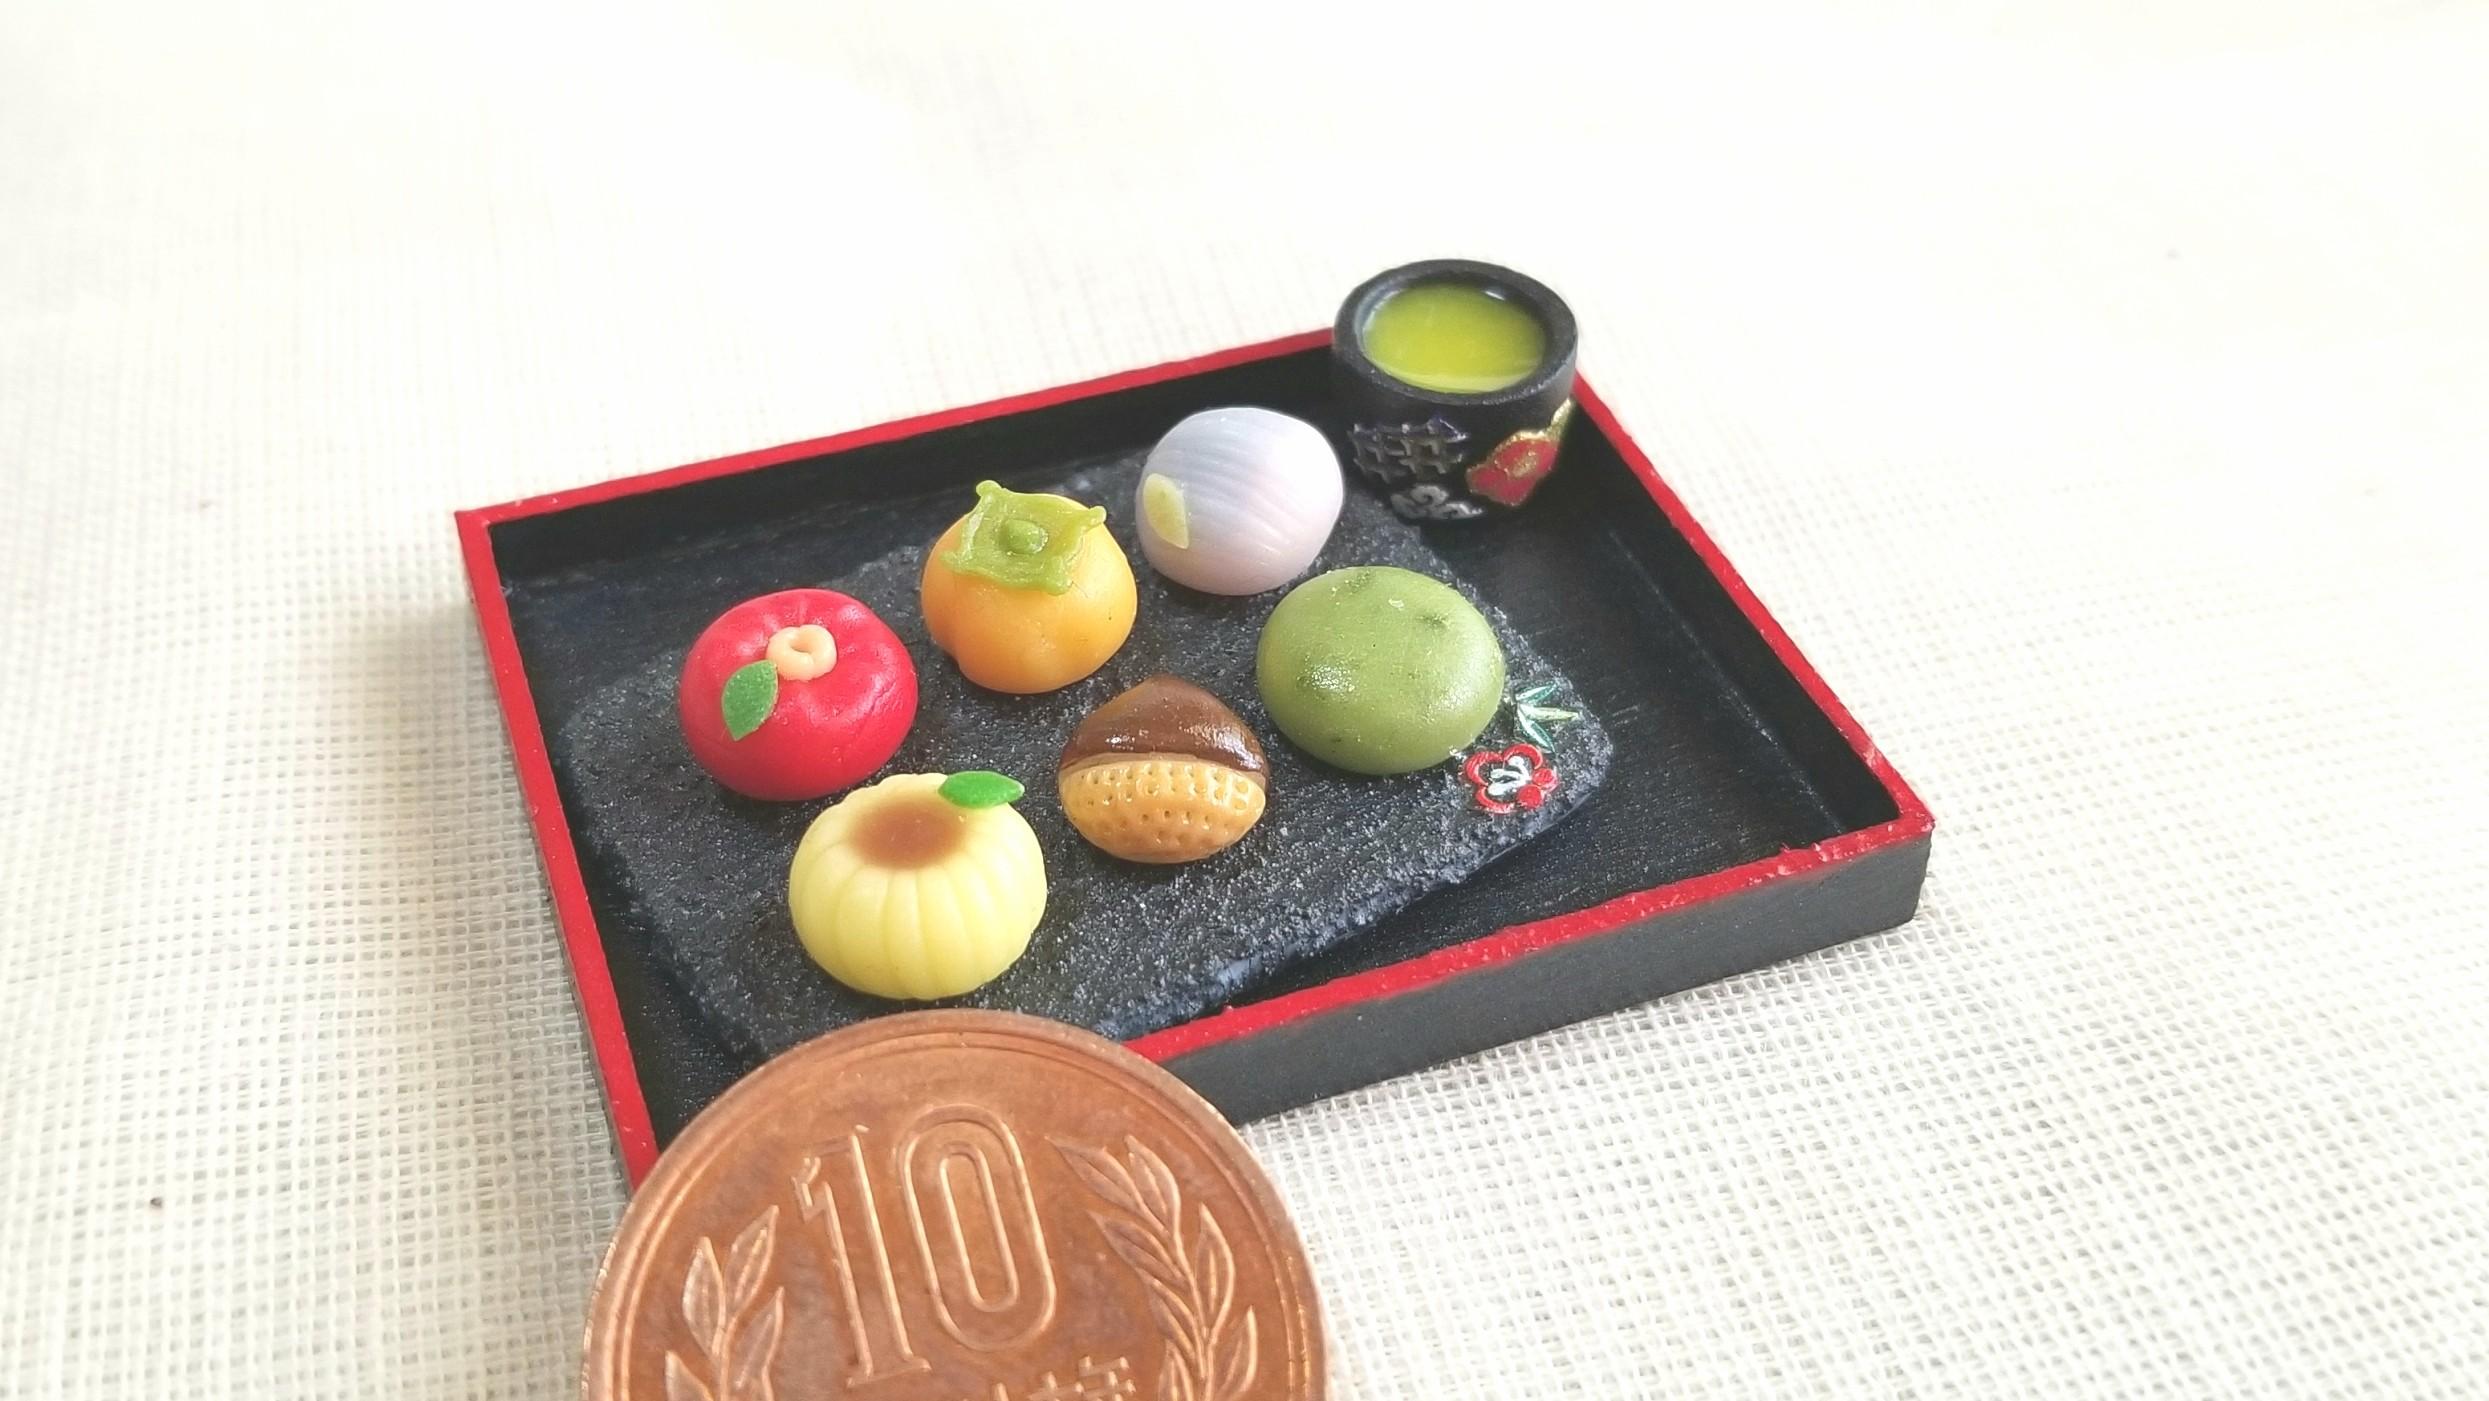 ミニチュア和菓子,樹脂粘土,かわいいドール小物,おもちゃ雑貨,人気